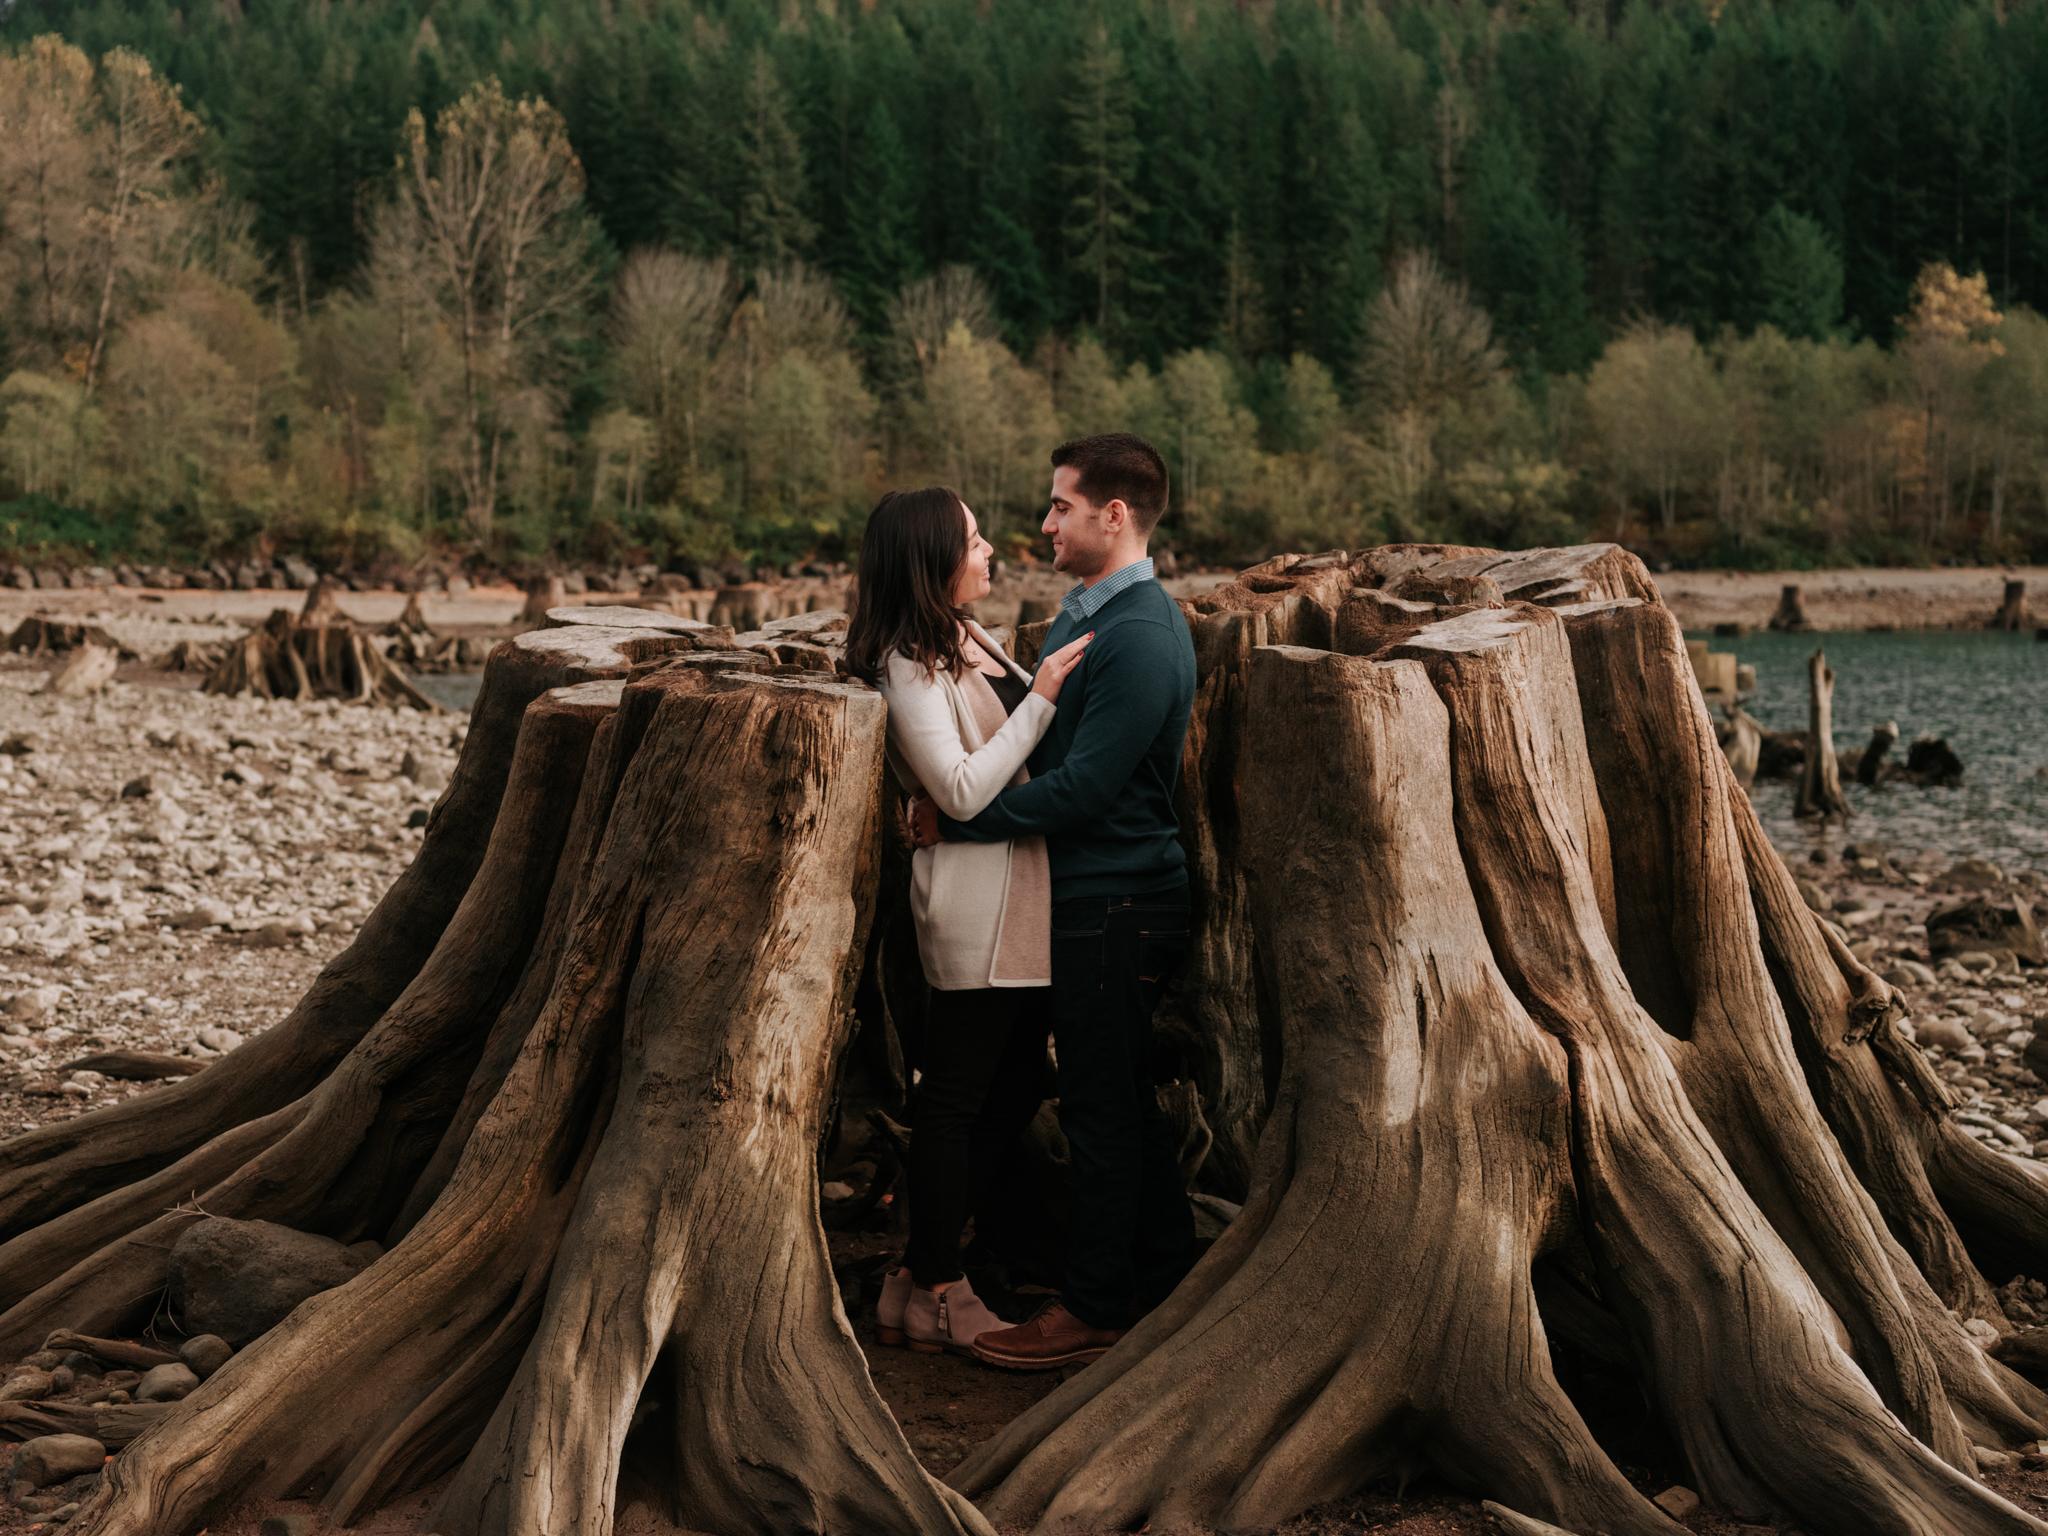 Seattle Engagement Photographer_Stolen Glimpses 51.jpg